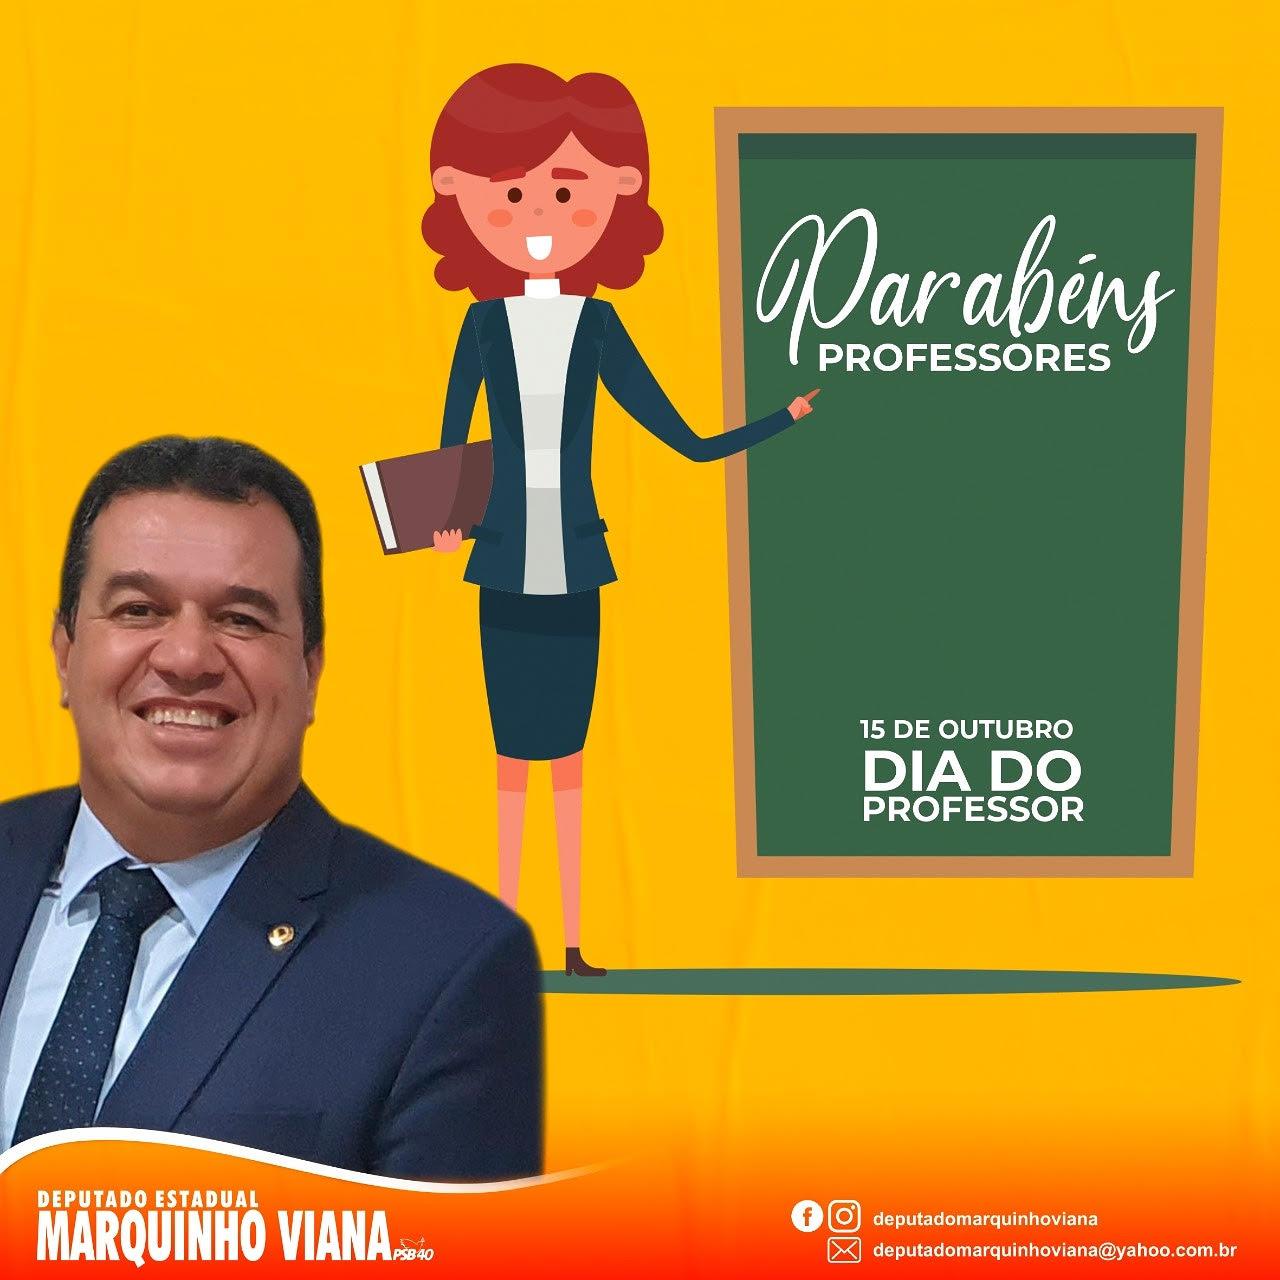 15/10: DEPUTADO MARQUINHO VIANA PARABENIZA OS PROFESSORES